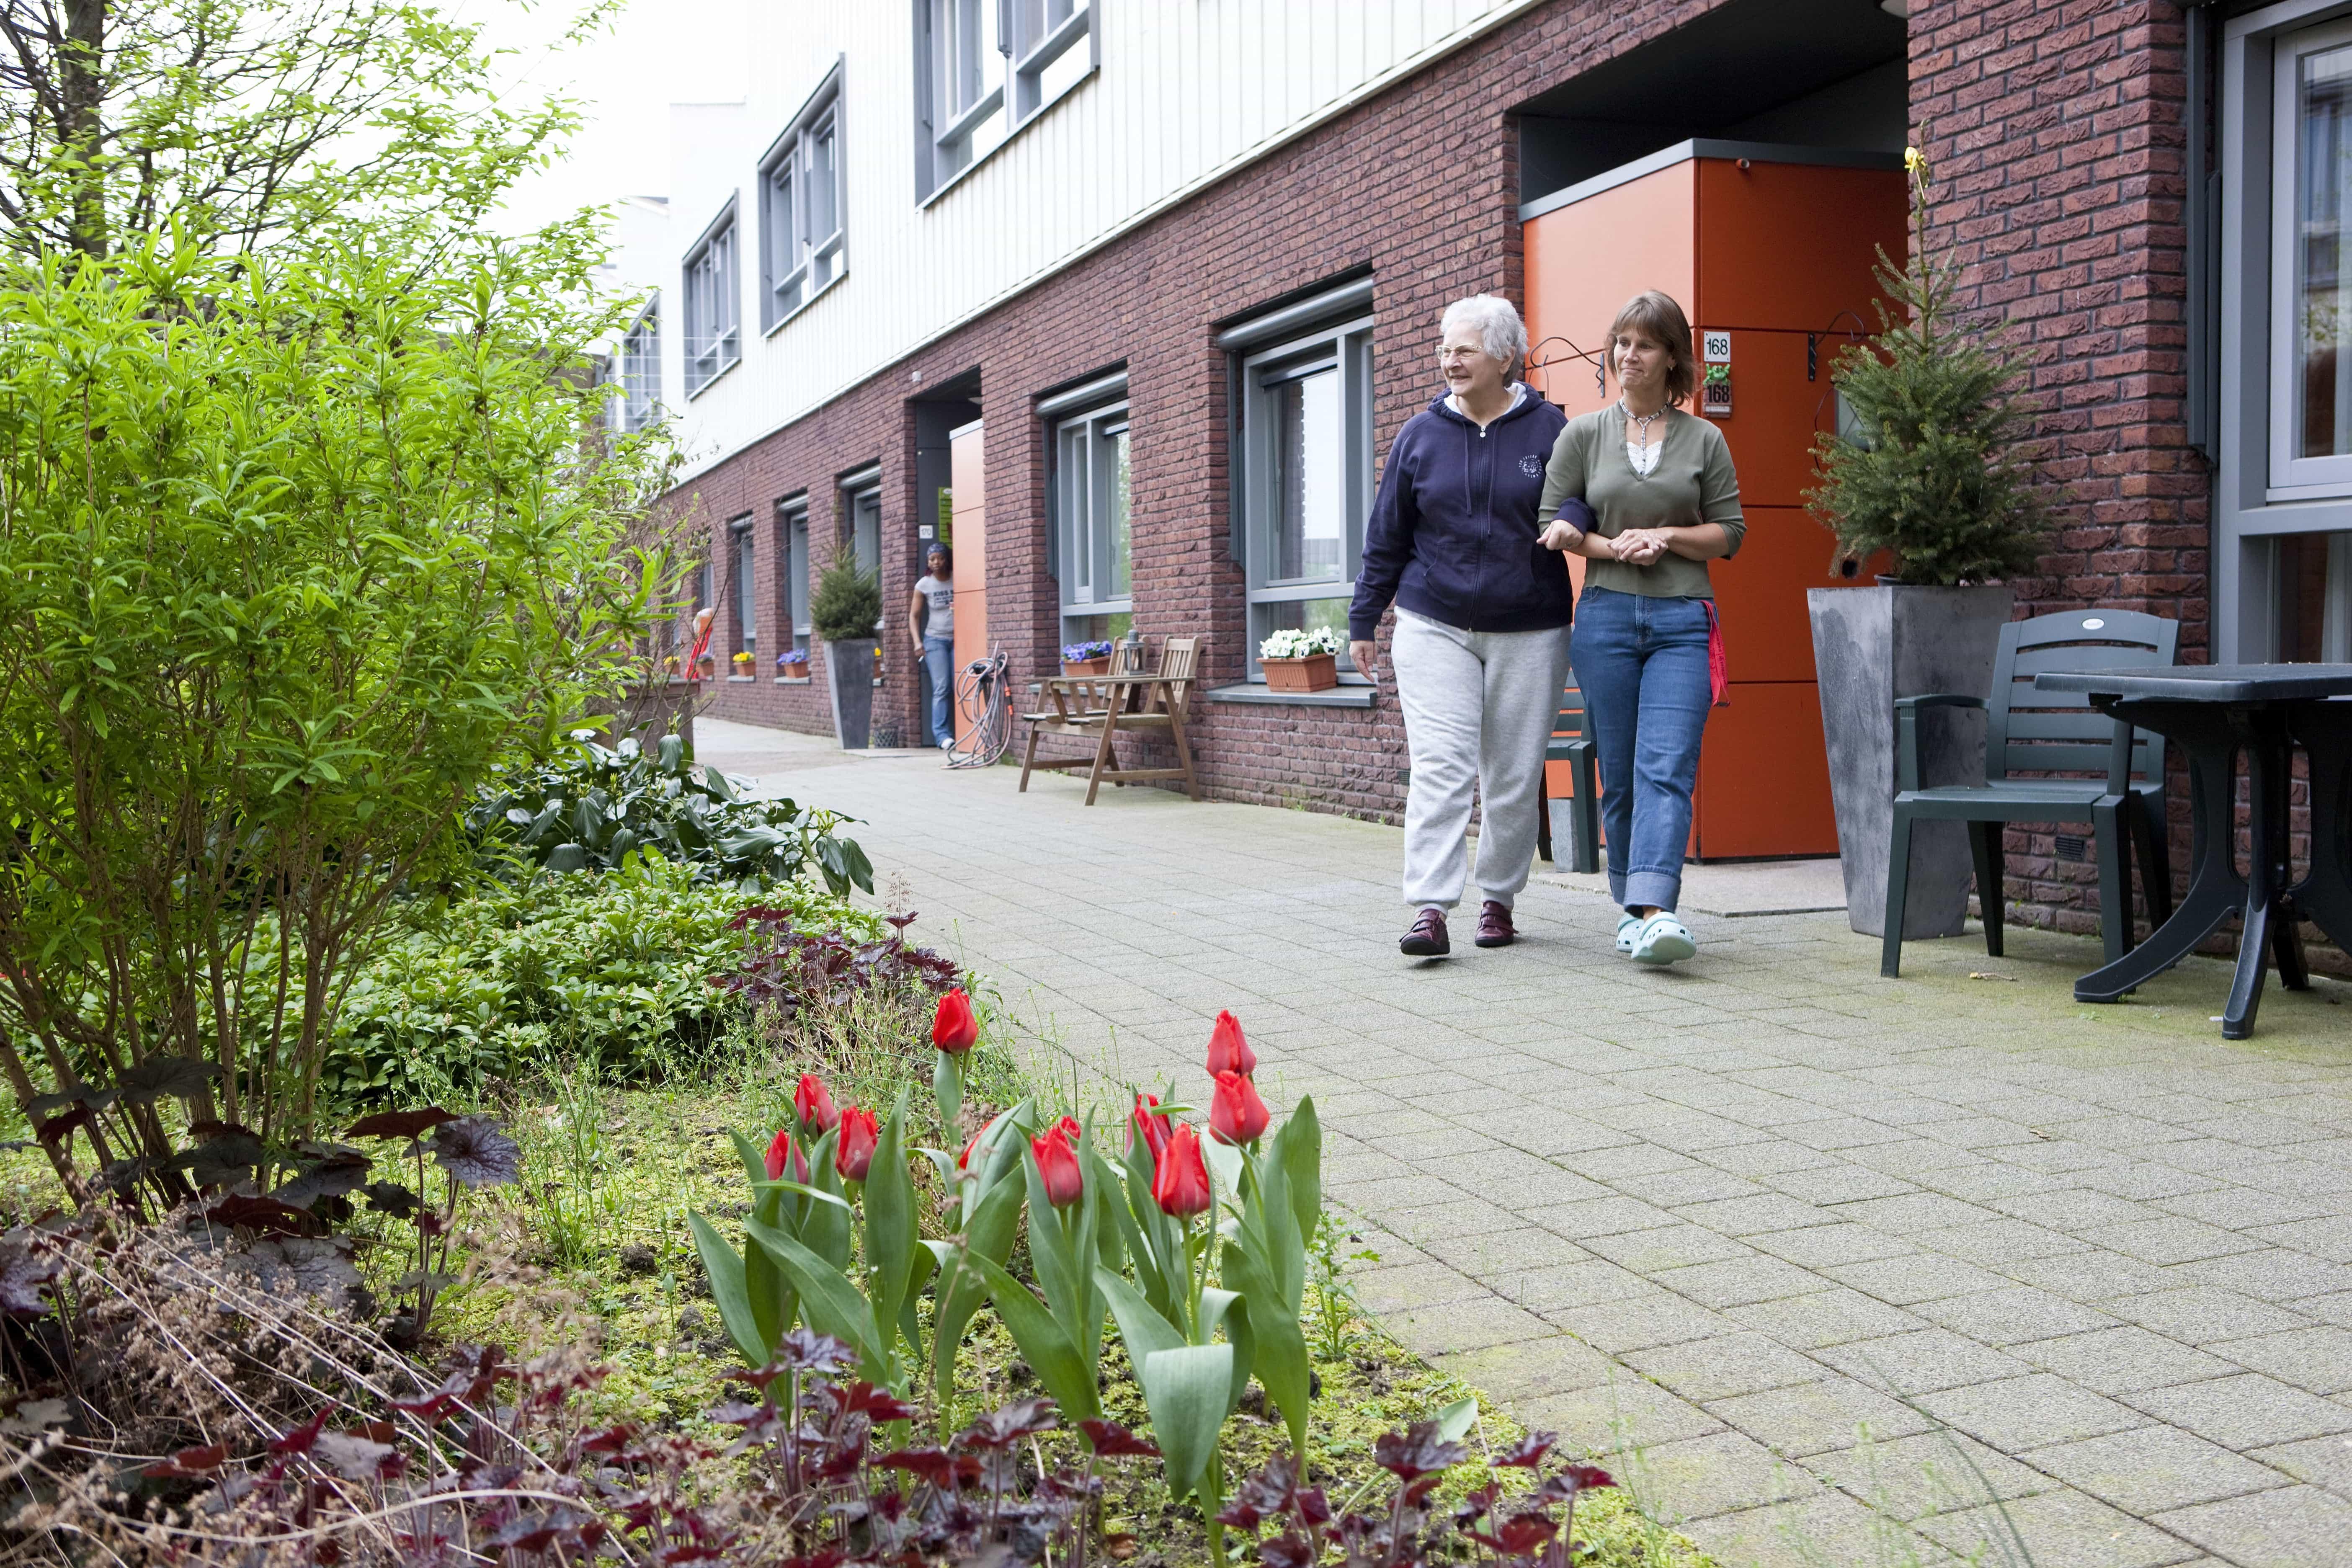 Oudere vrouw wandelt buiten, in een straat met tuin, samen met verzorgster